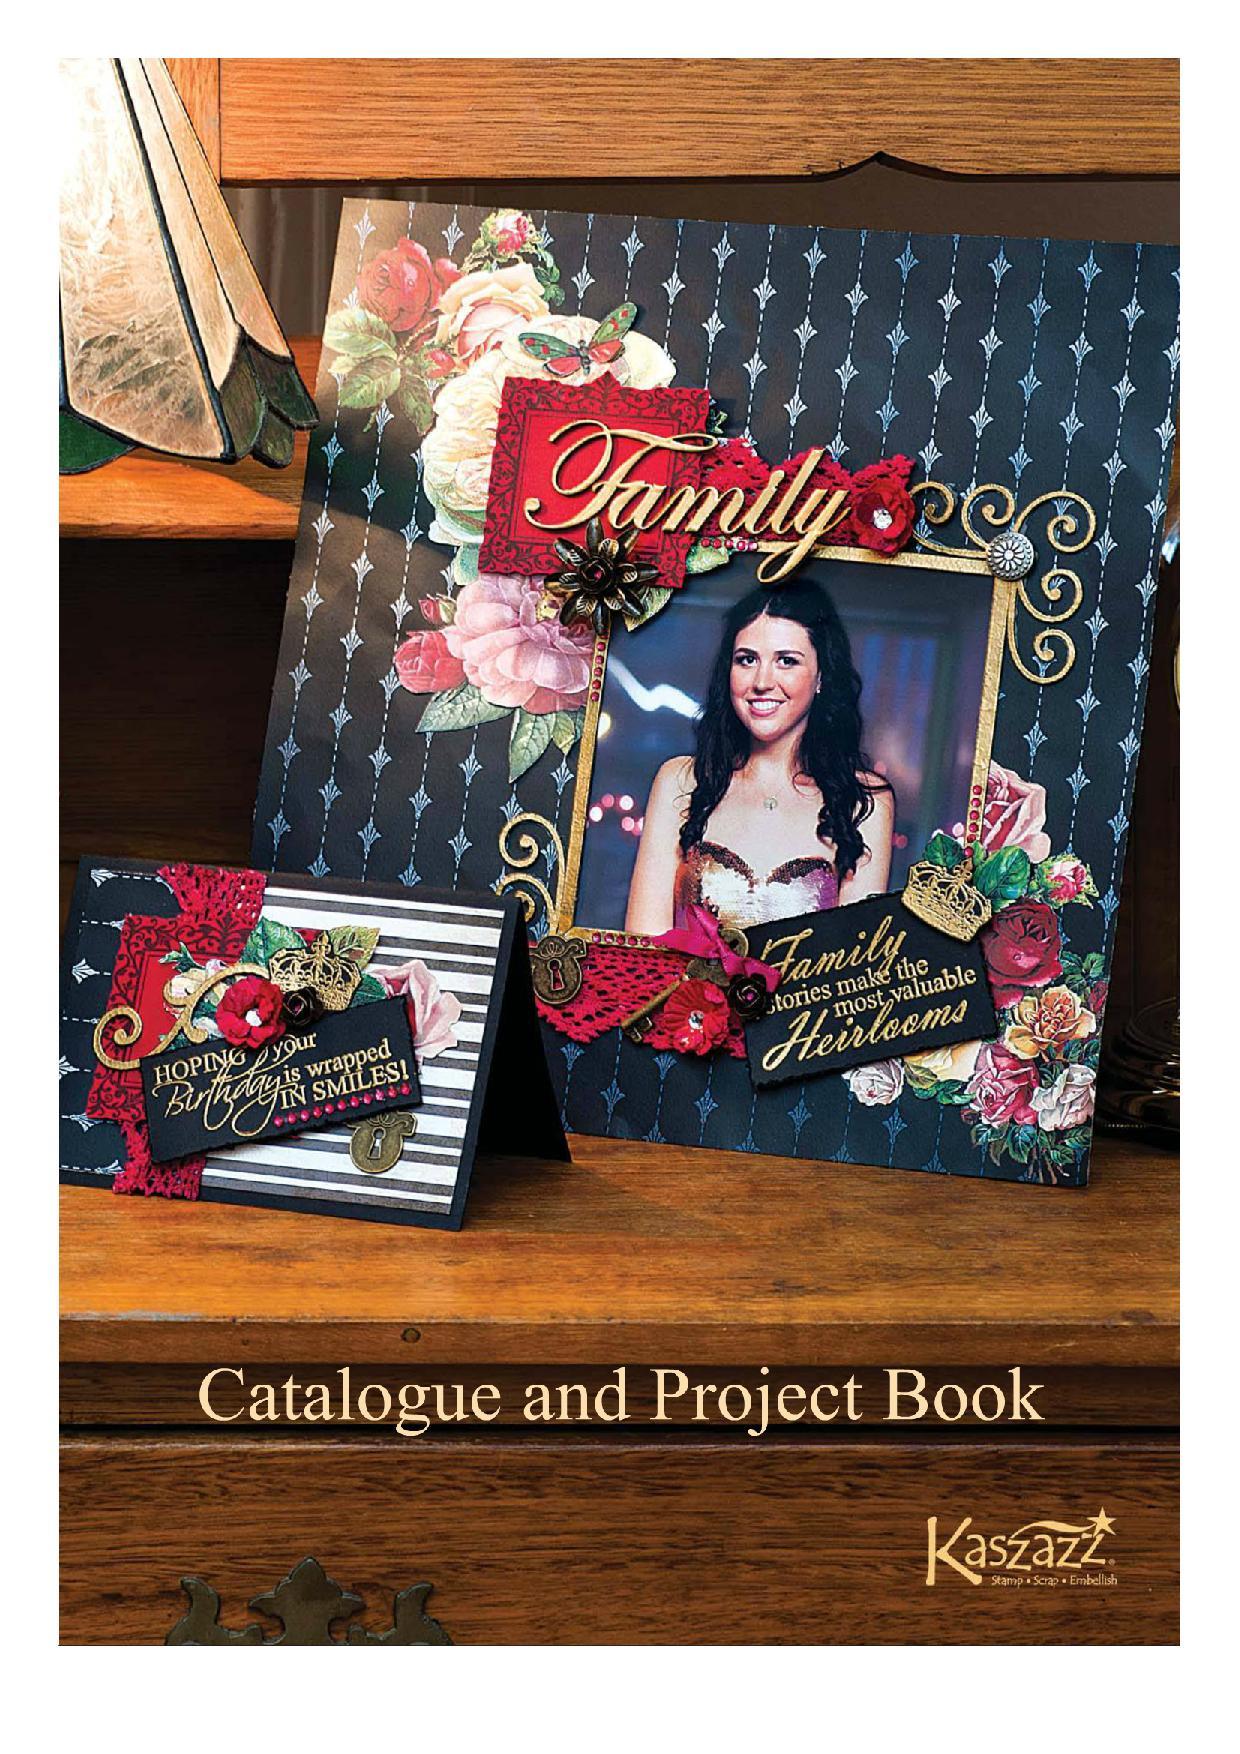 Kaszazz Catalogue